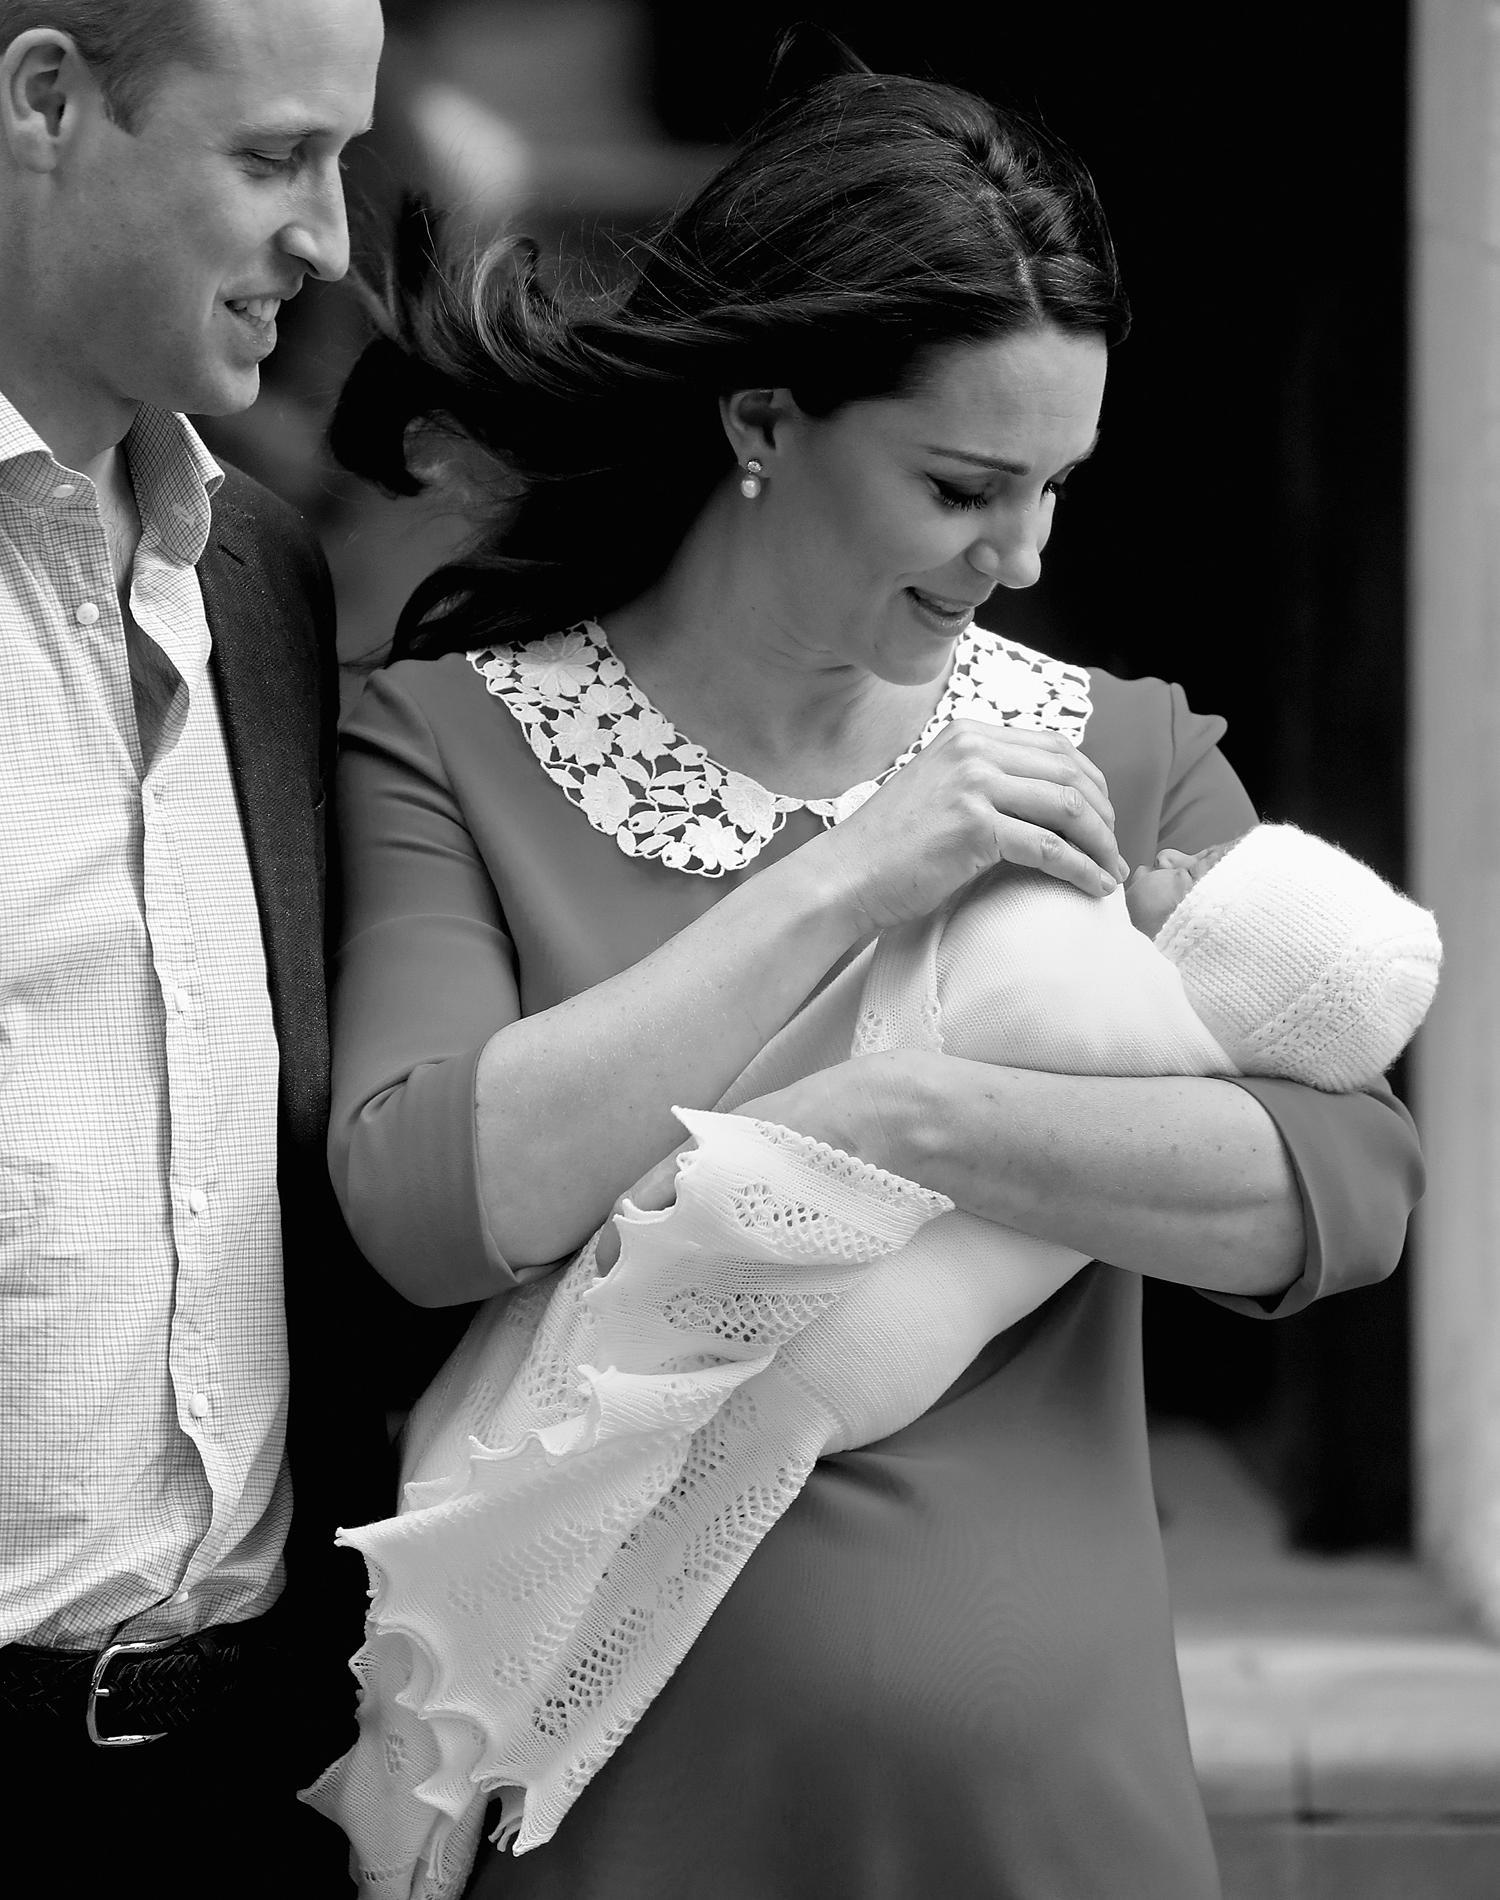 Bienvenue à Son Altesse Royale le prince Louis de Cambridge, un prénom inattendu